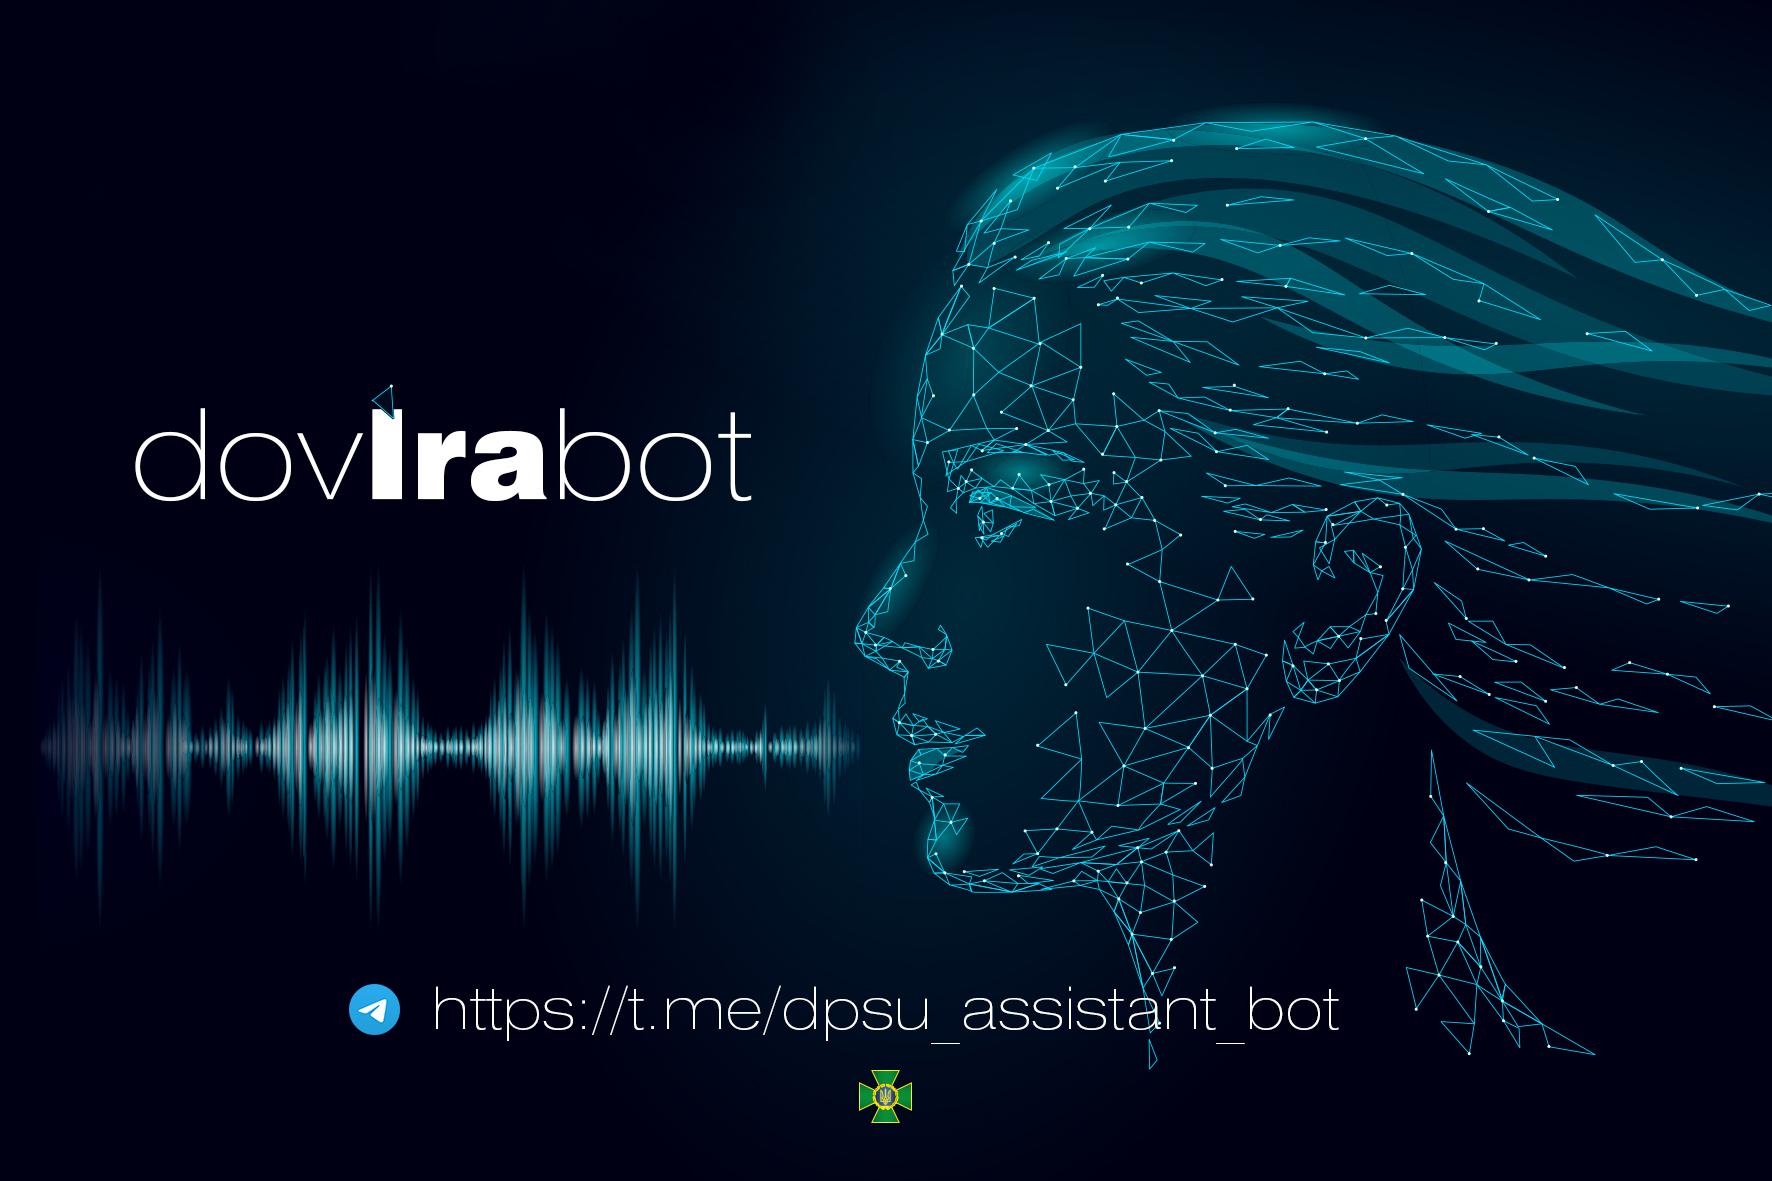 Виртуальный помощник «dovirabot»/ Фото: ГПС Украины